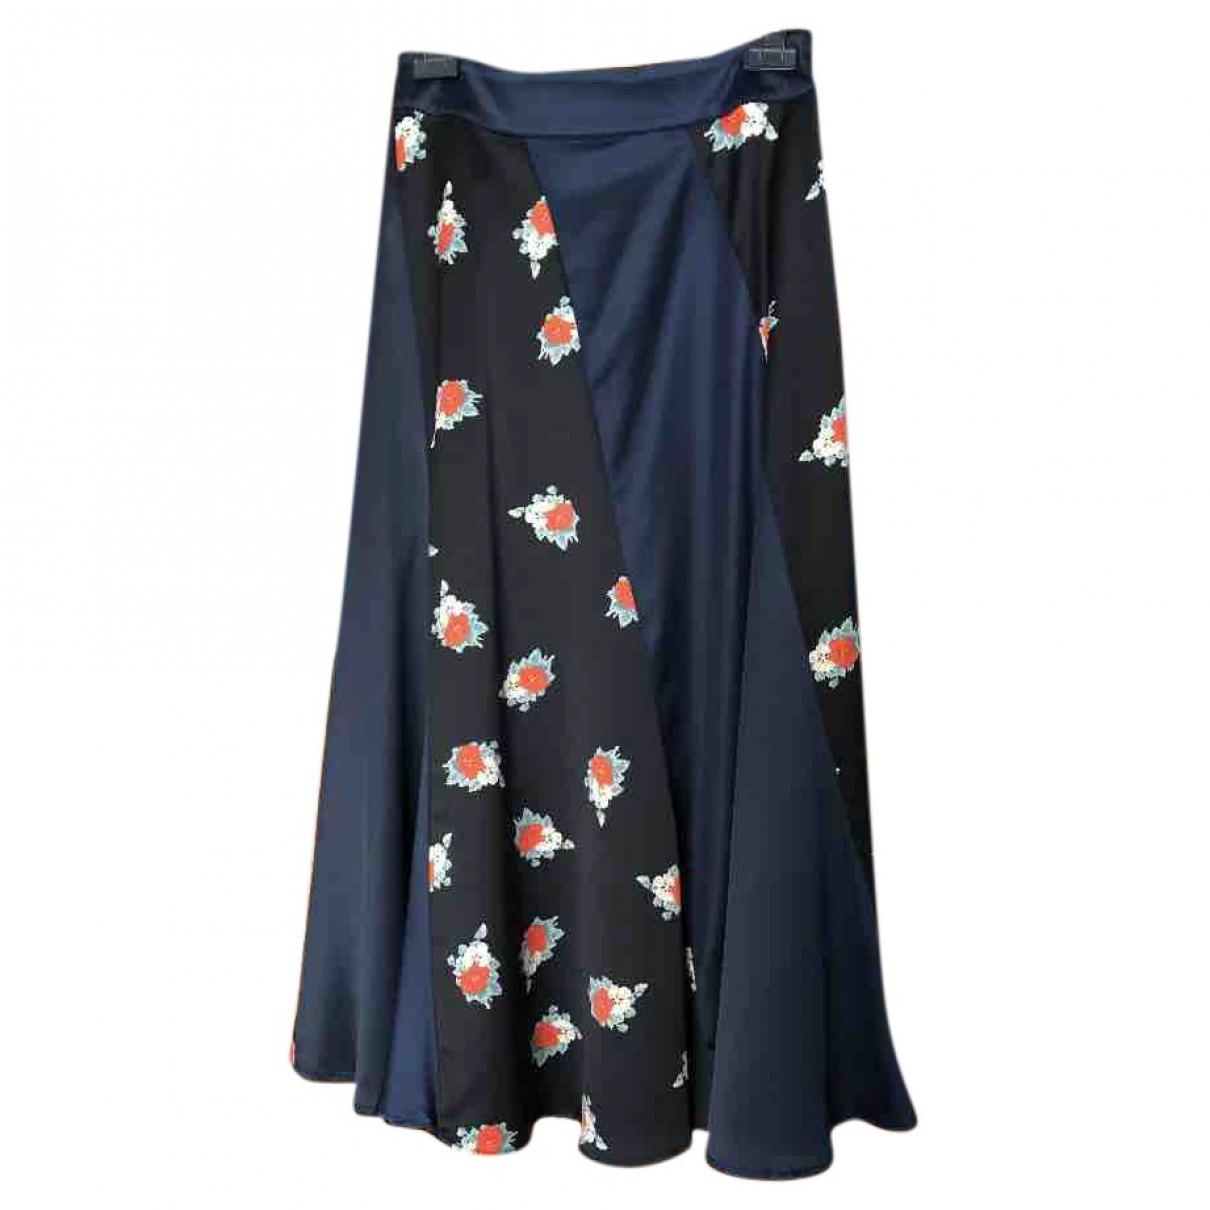 Ganni \N Navy skirt for Women 38 FR